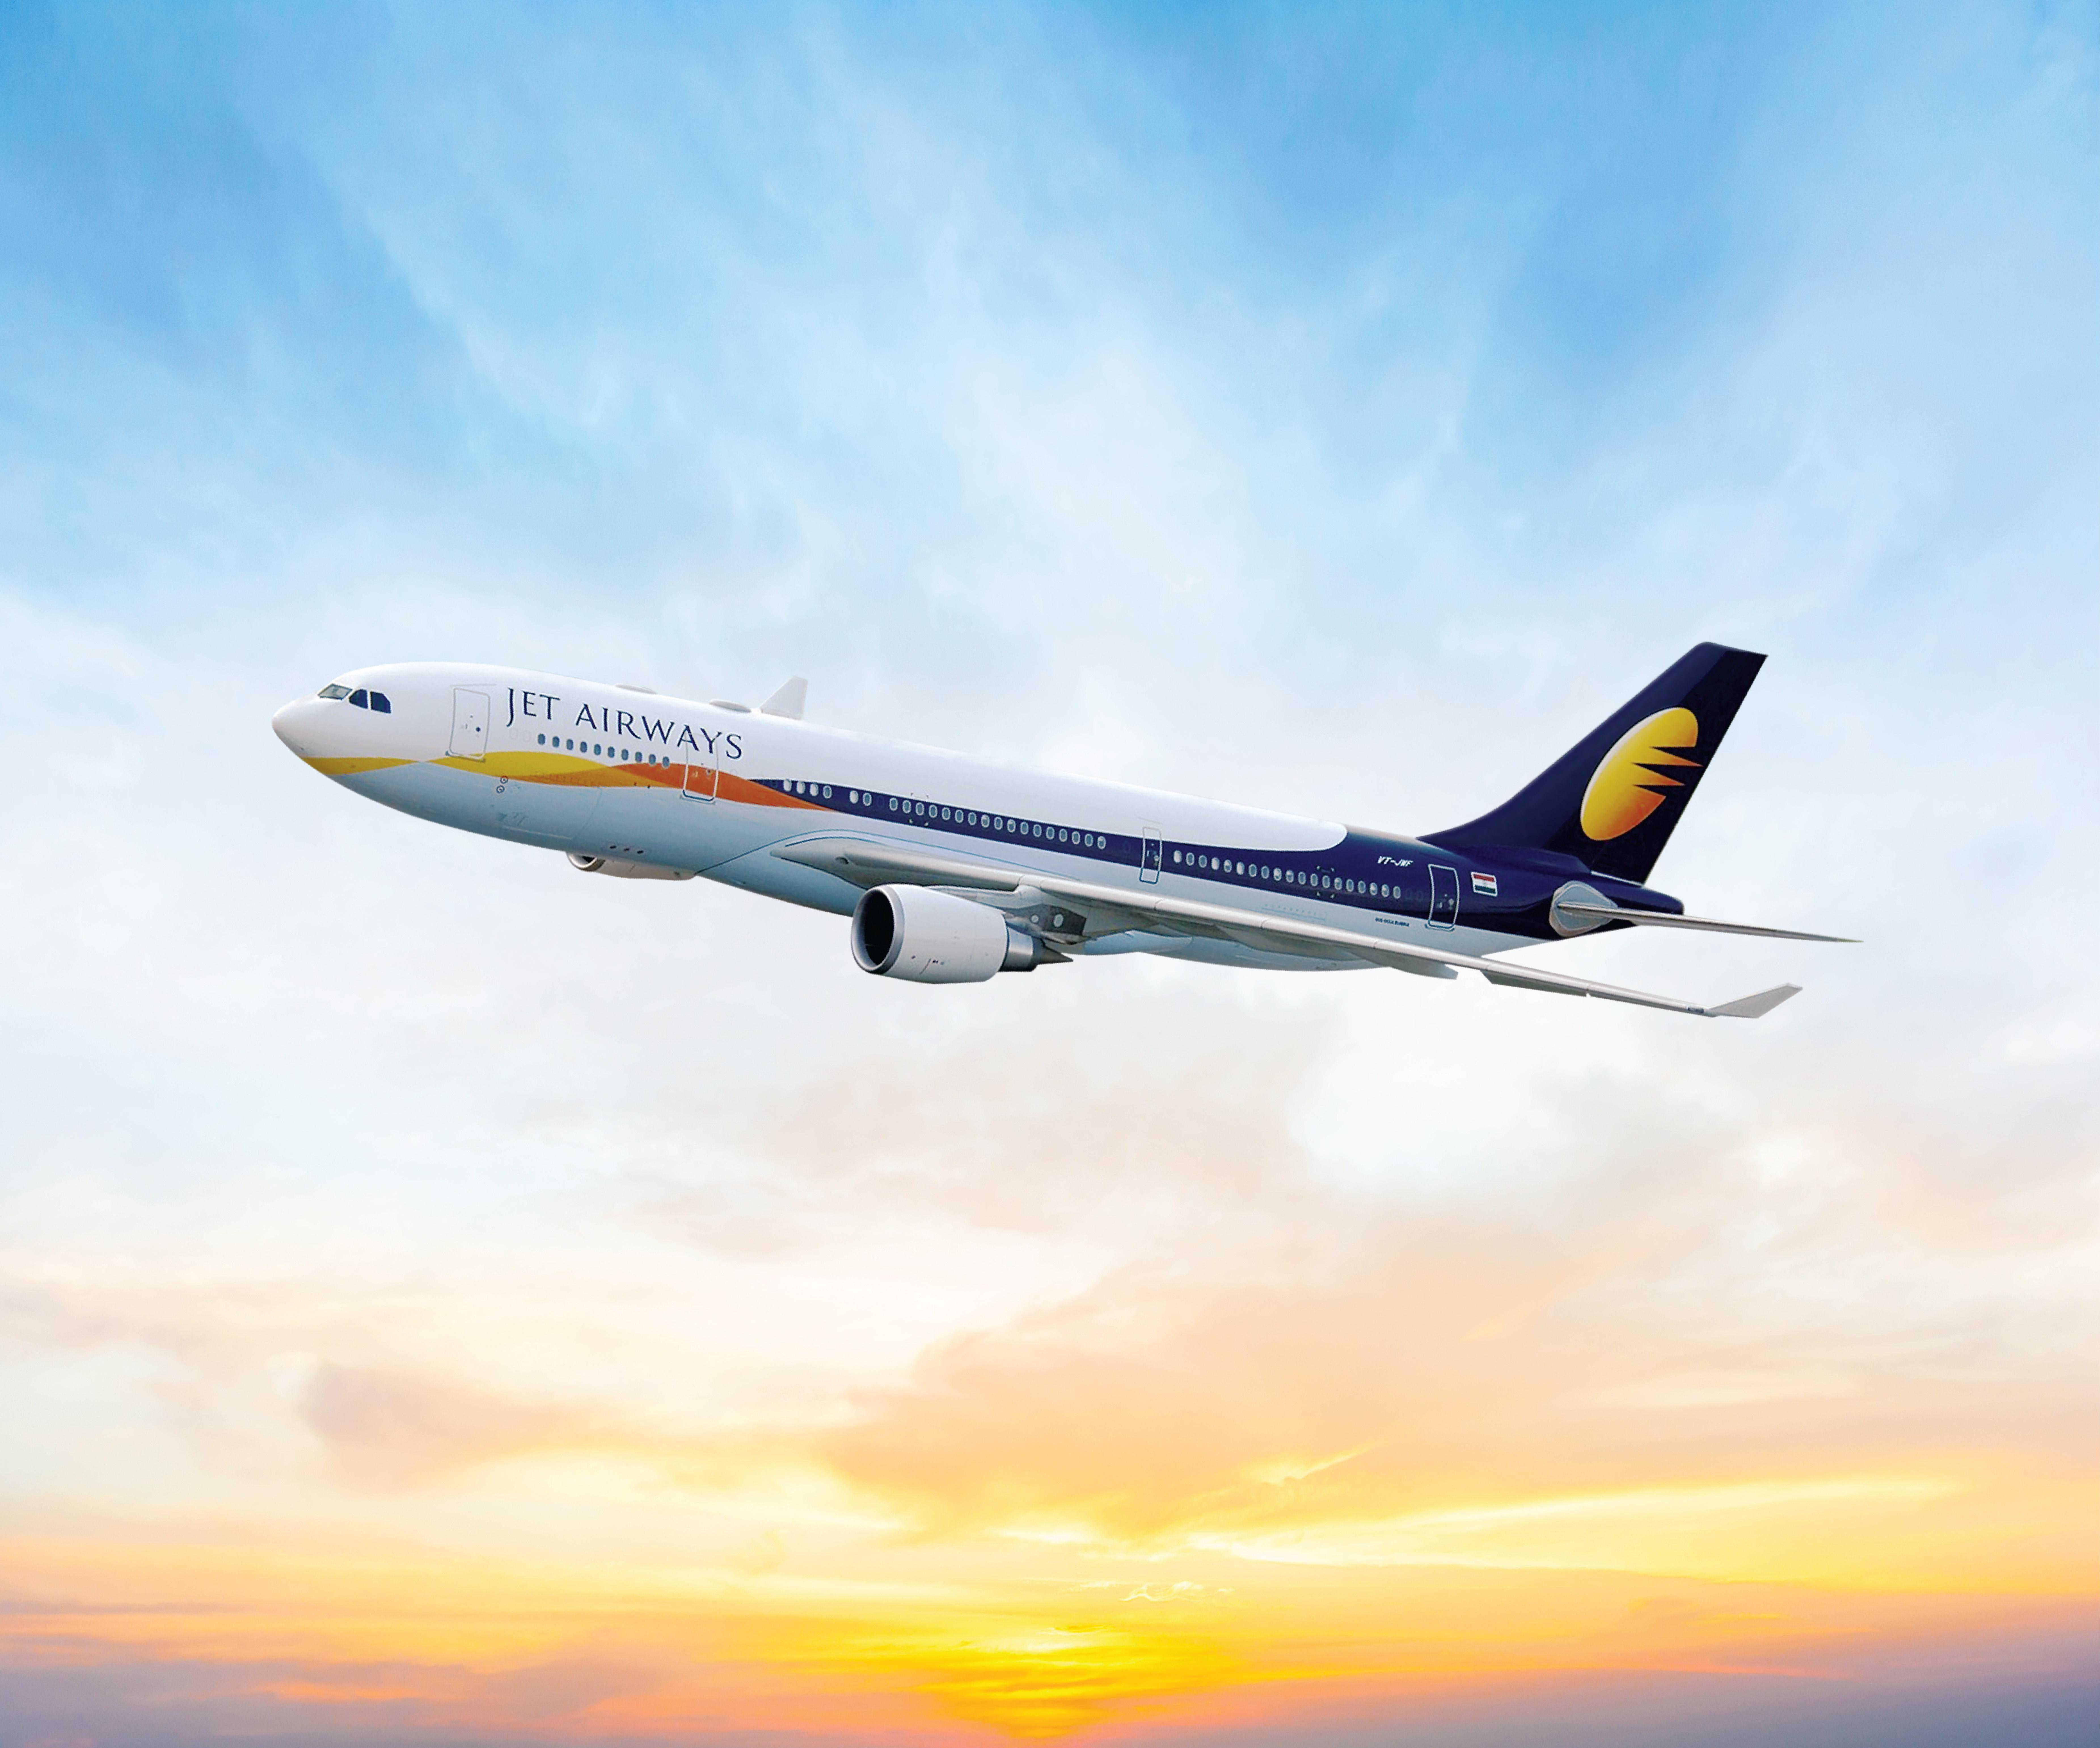 Jet Airways, codeshare